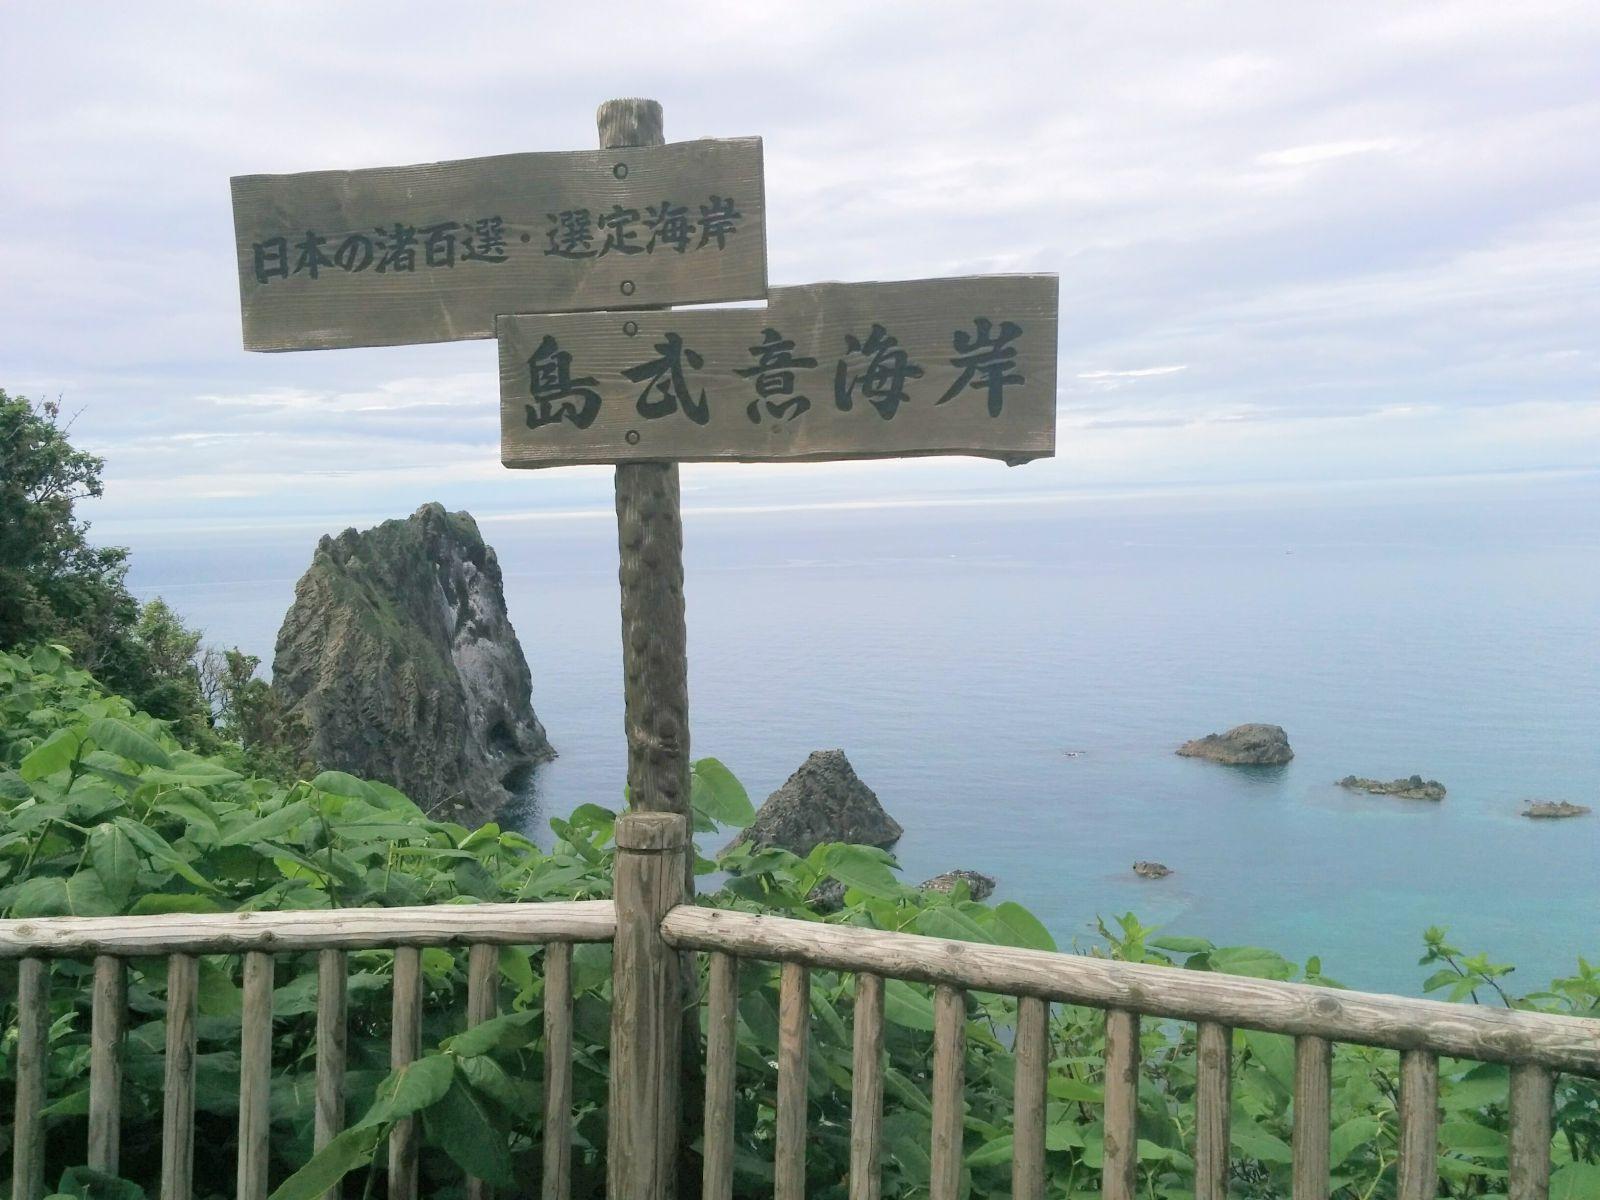 【積丹岬・島武意海岸】日本の渚100選積丹岬島武意海岸観光案内